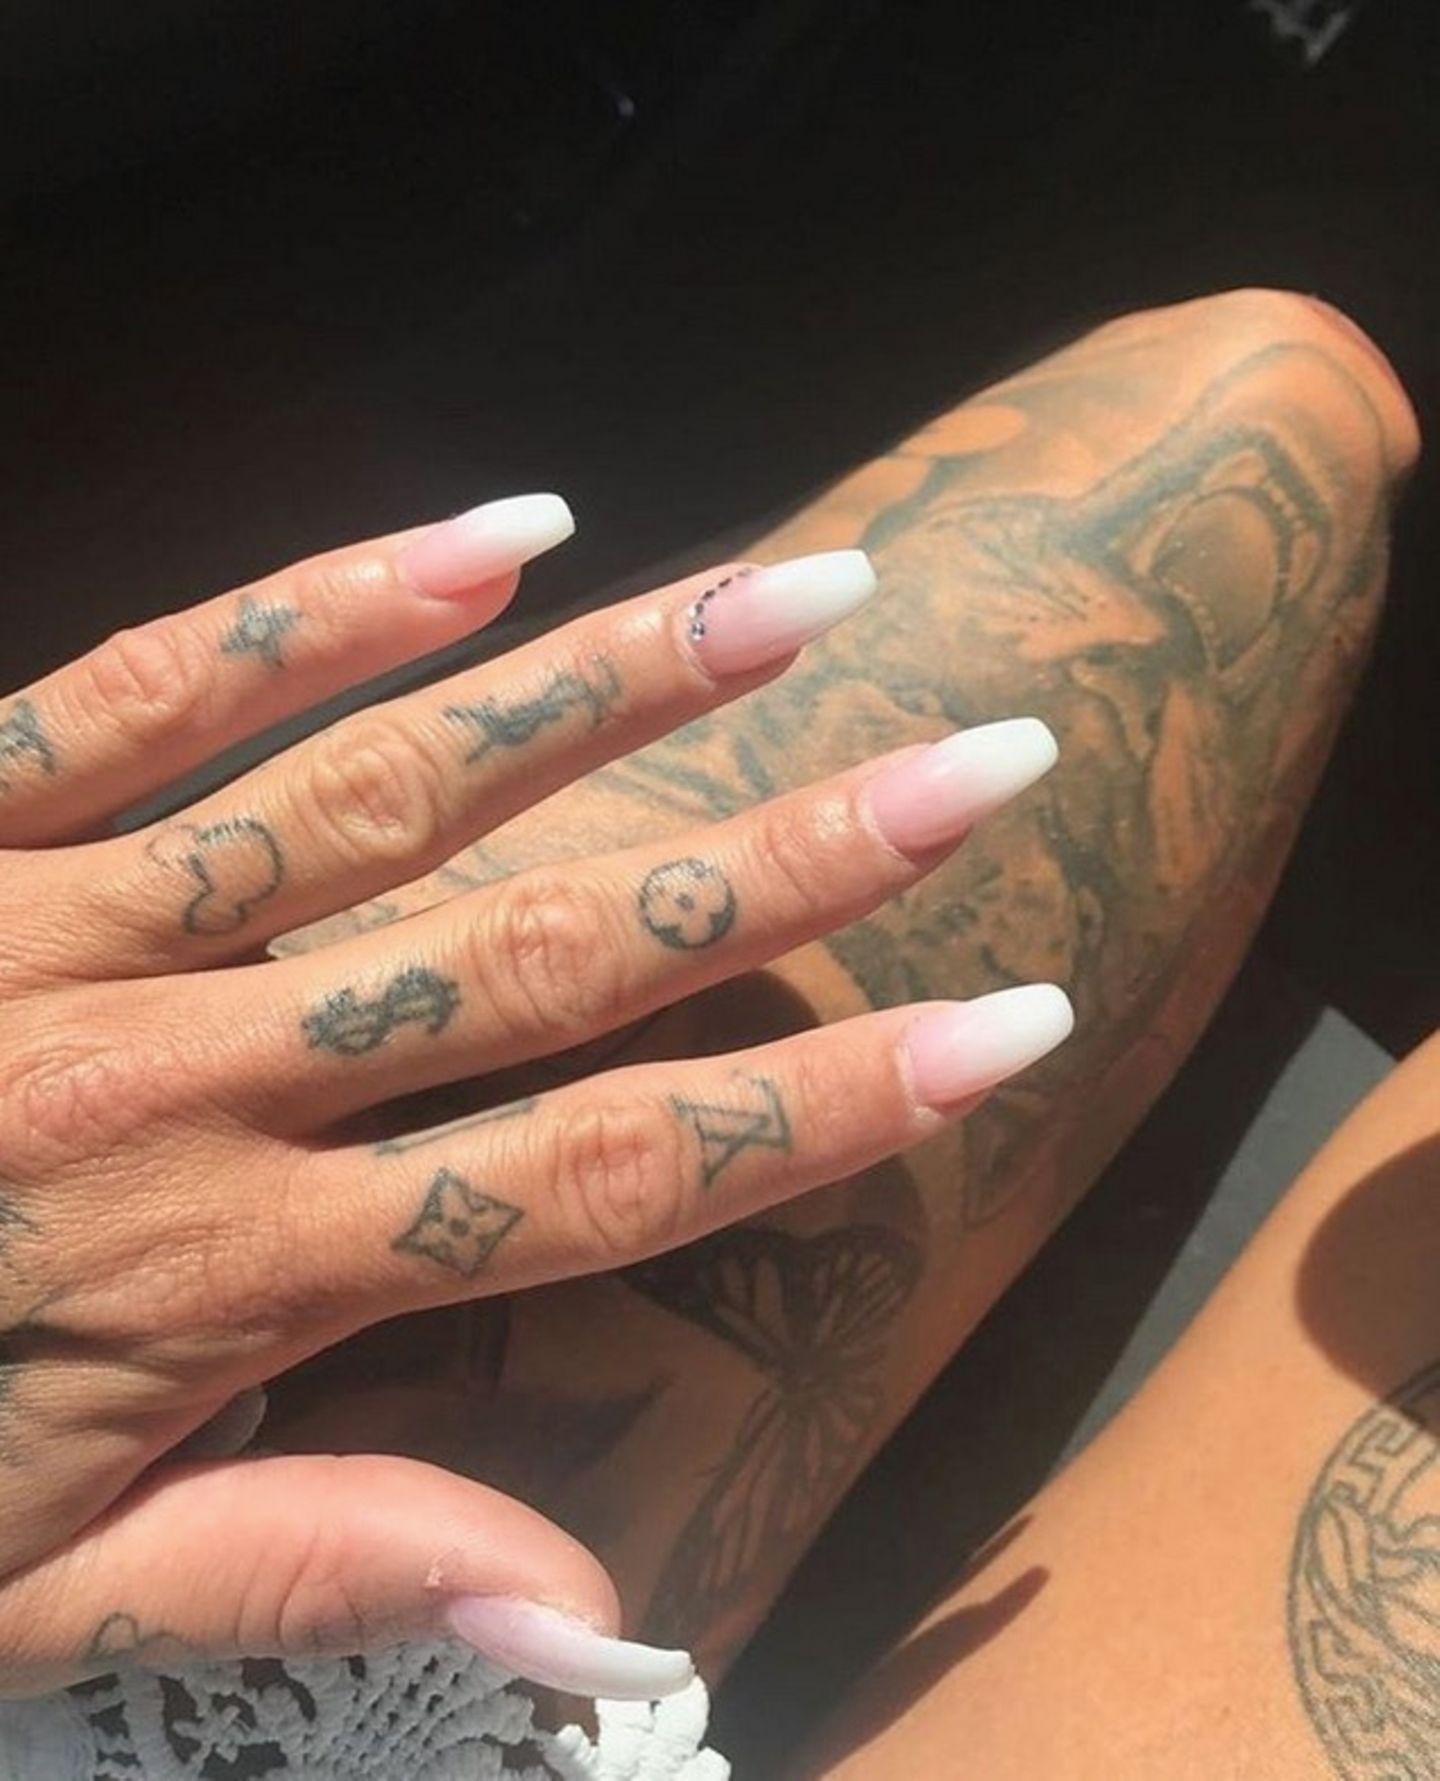 Welcher Star könnte diese Tattoos von Marken wie Chanel und Co.an den Fingern haben? Richtig, es ist Gina Lisa Lohfink.